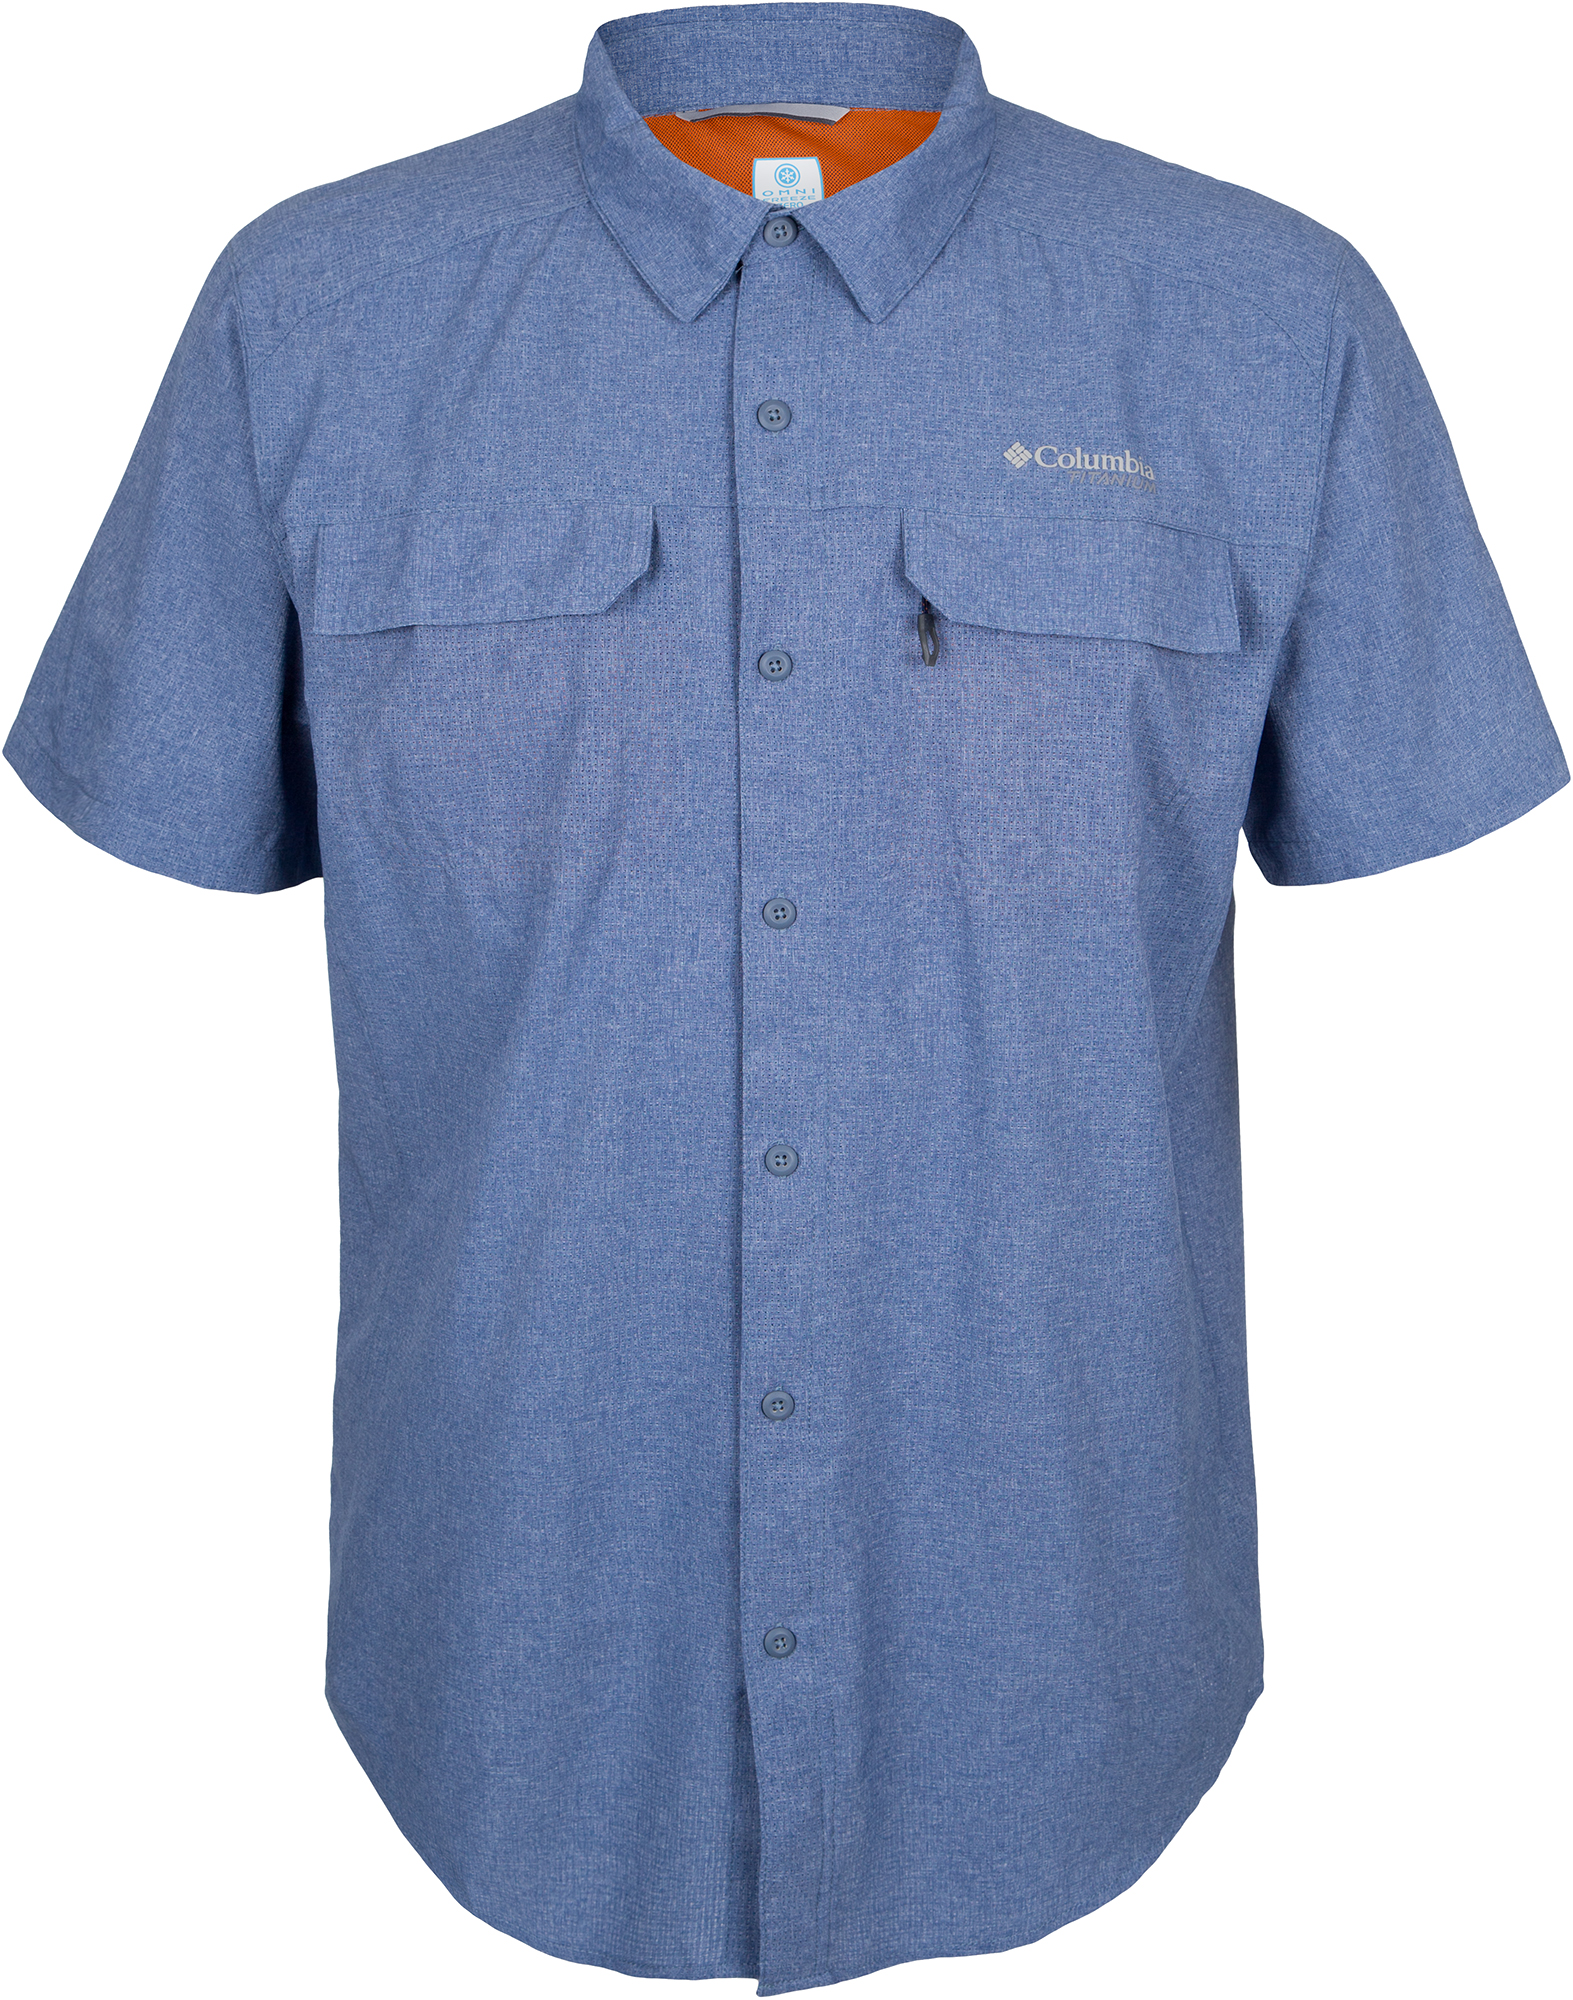 Columbia Рубашка мужская Columbia Irico, размер 52-54